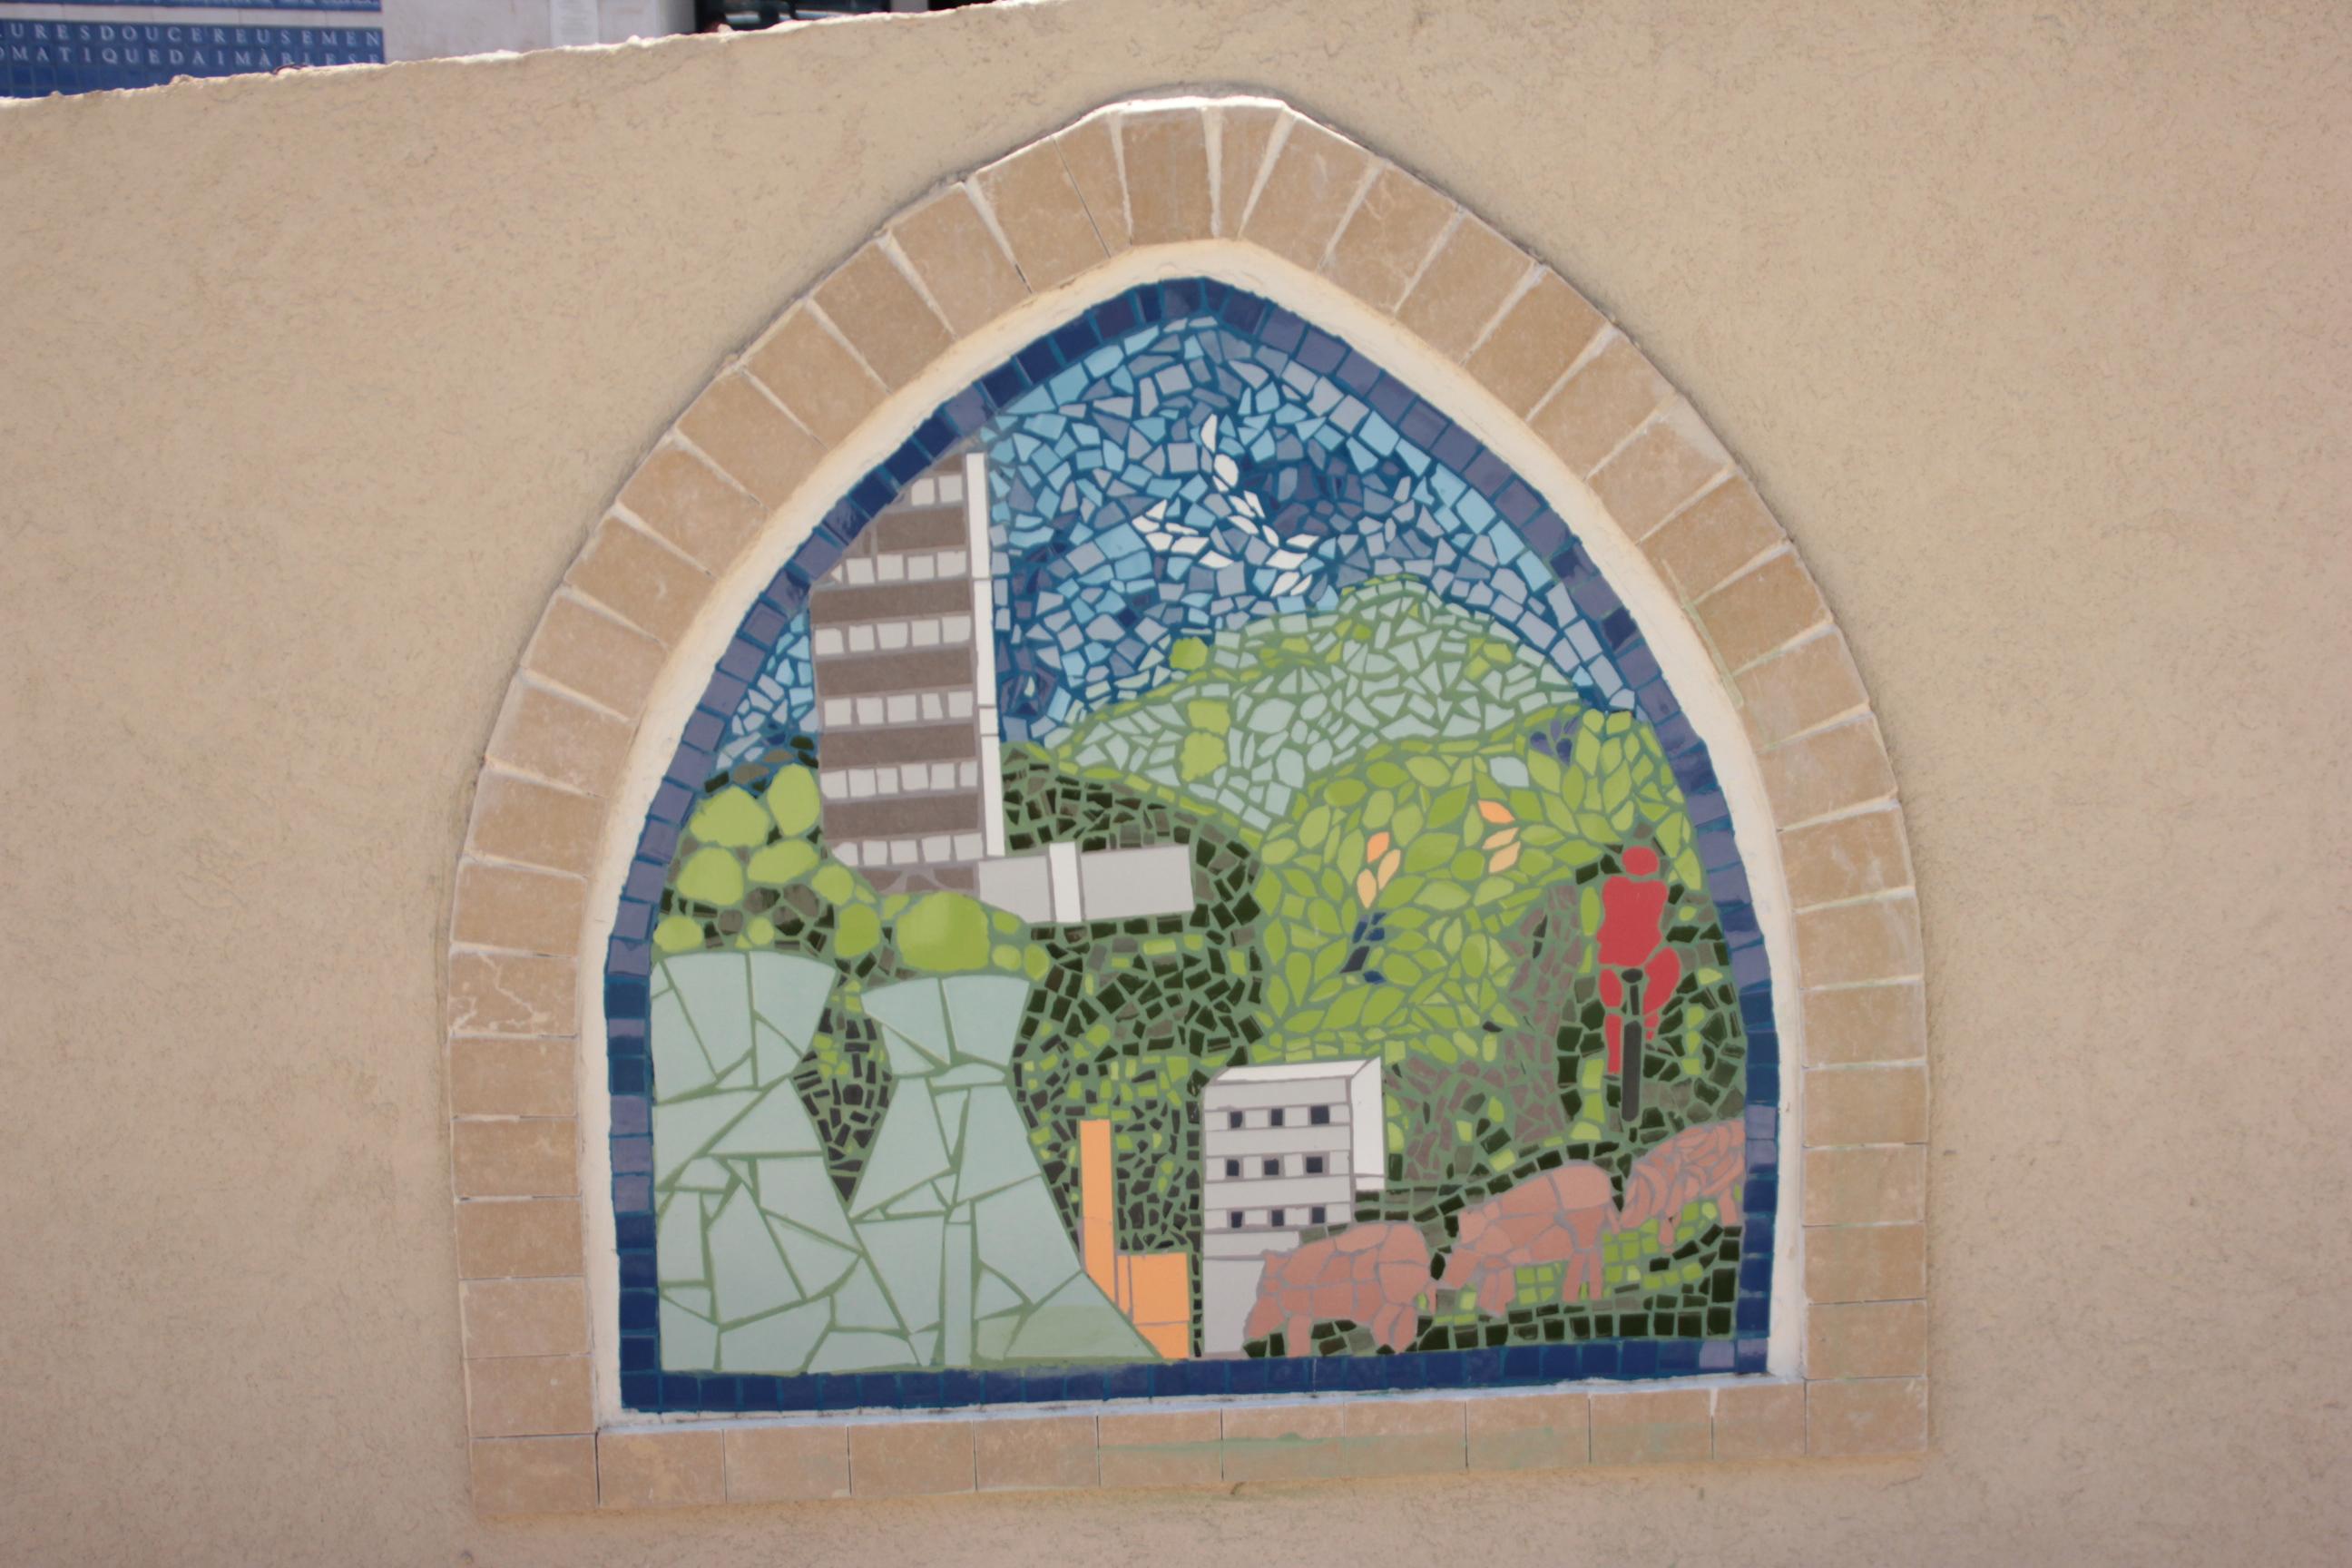 פרויקט פסיפס קהילתי: חיפה בין טבע לבנוי